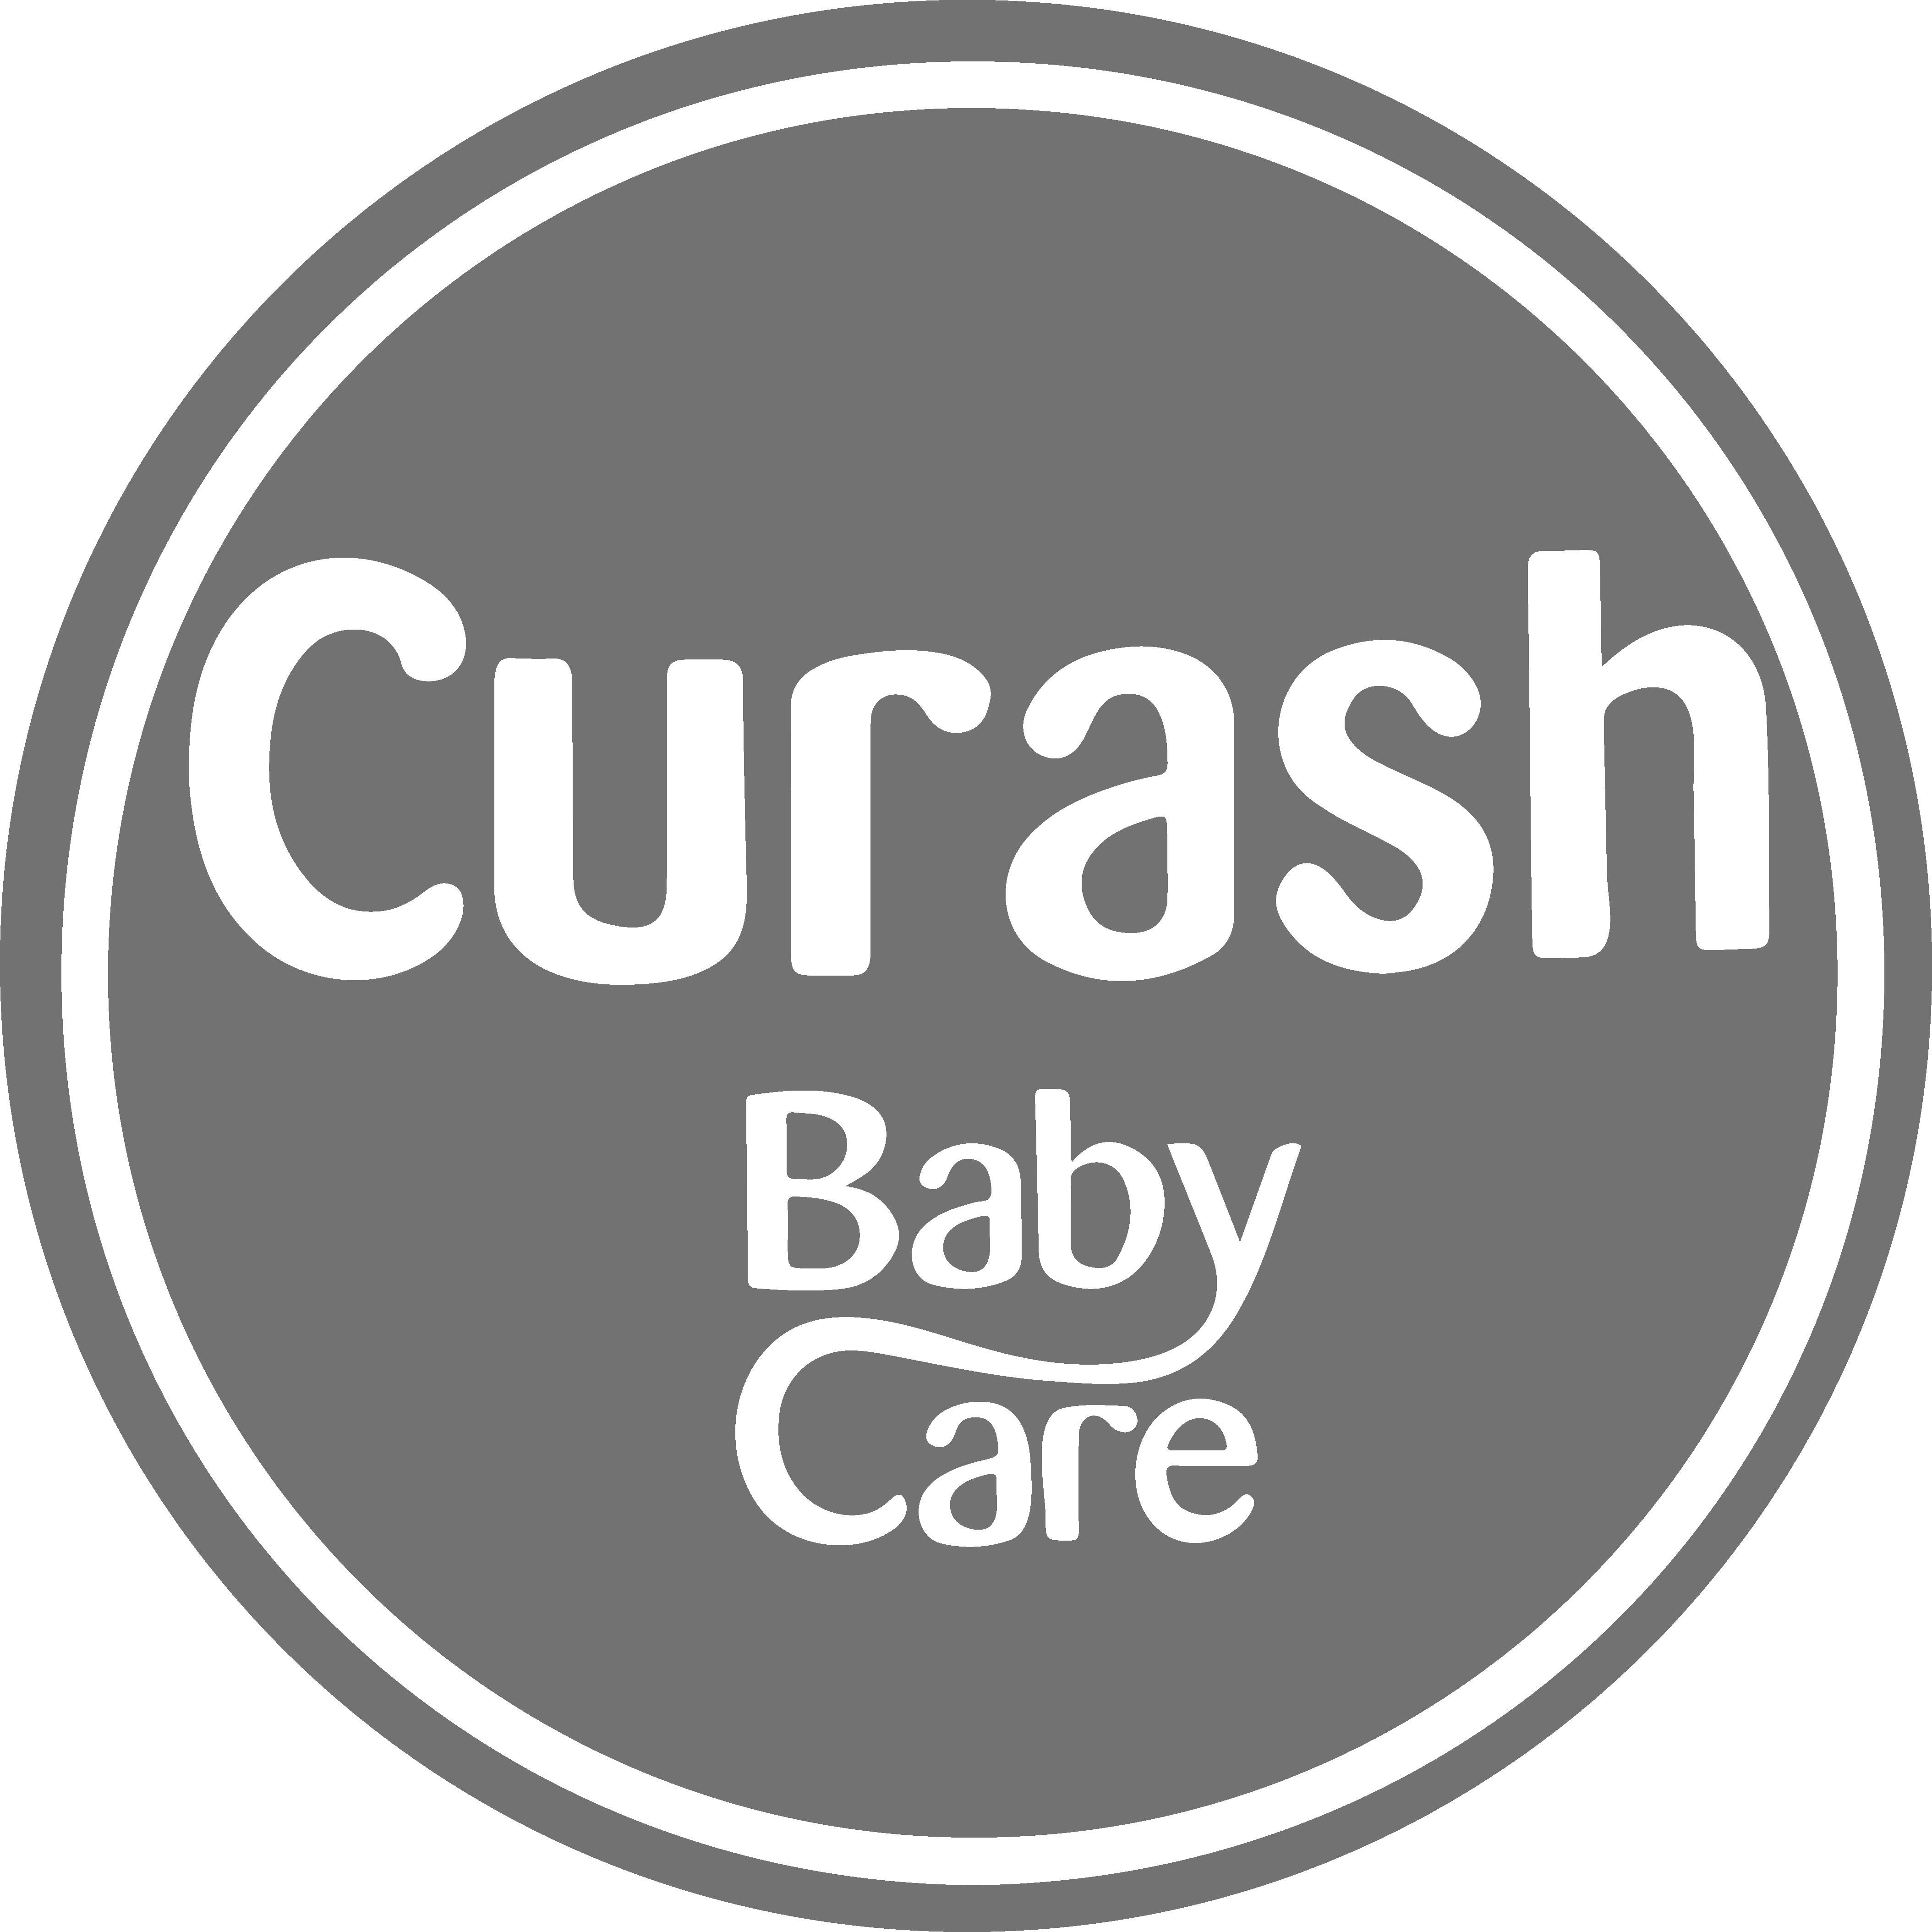 Curash Logo